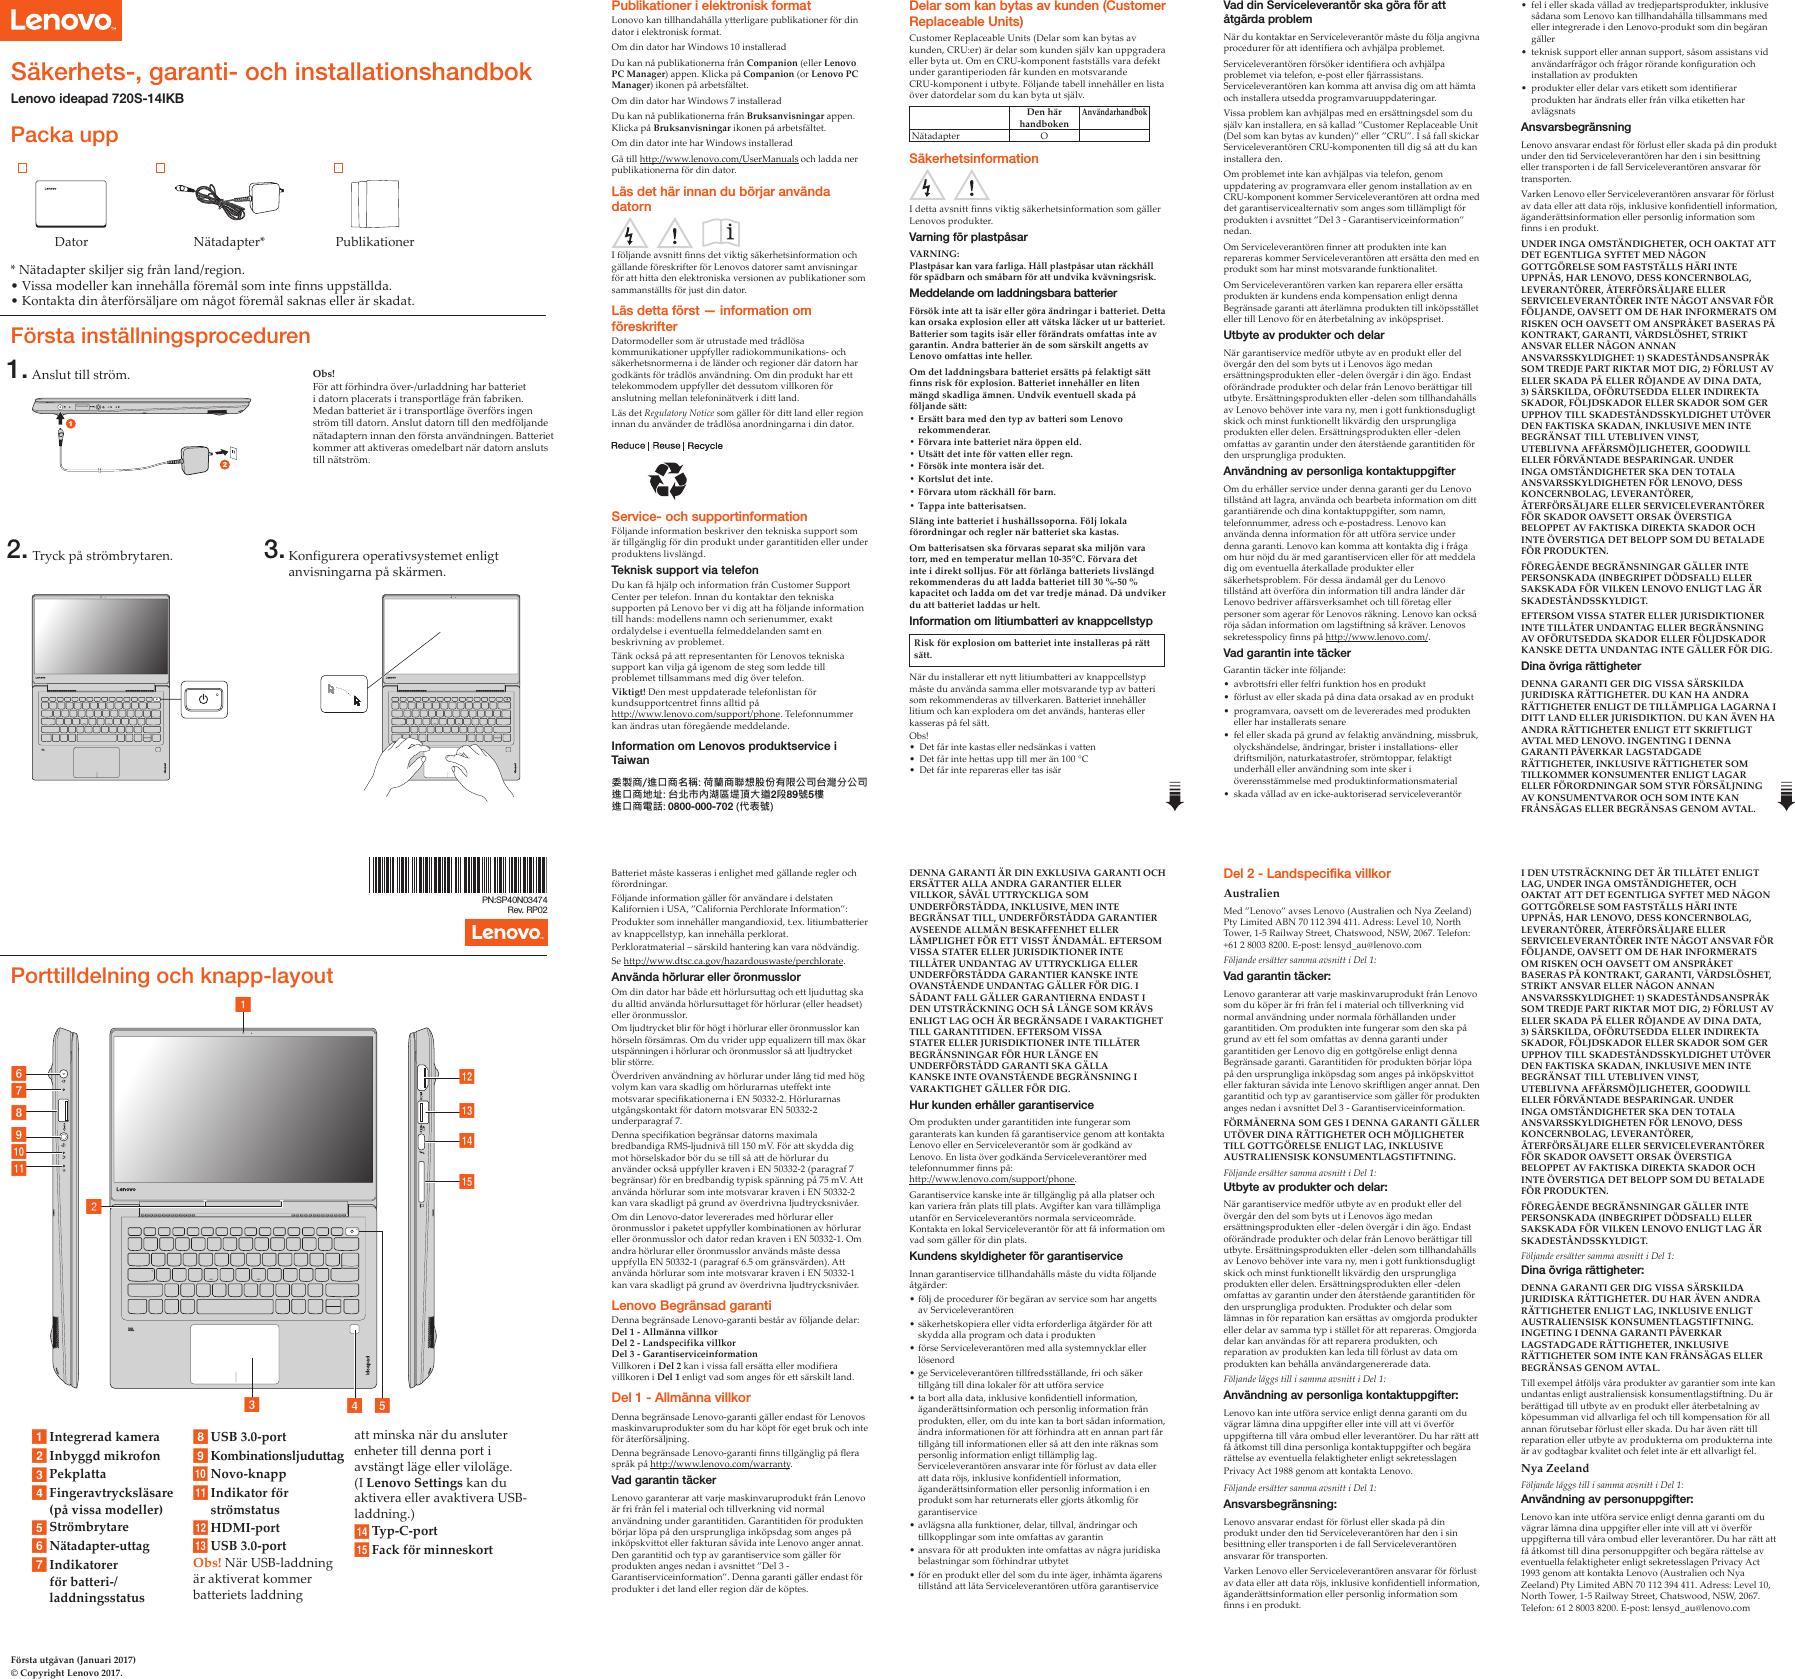 Lenovo Ideapad720S 14Ikb Swsg Sv 201705 User Manual (Swedish